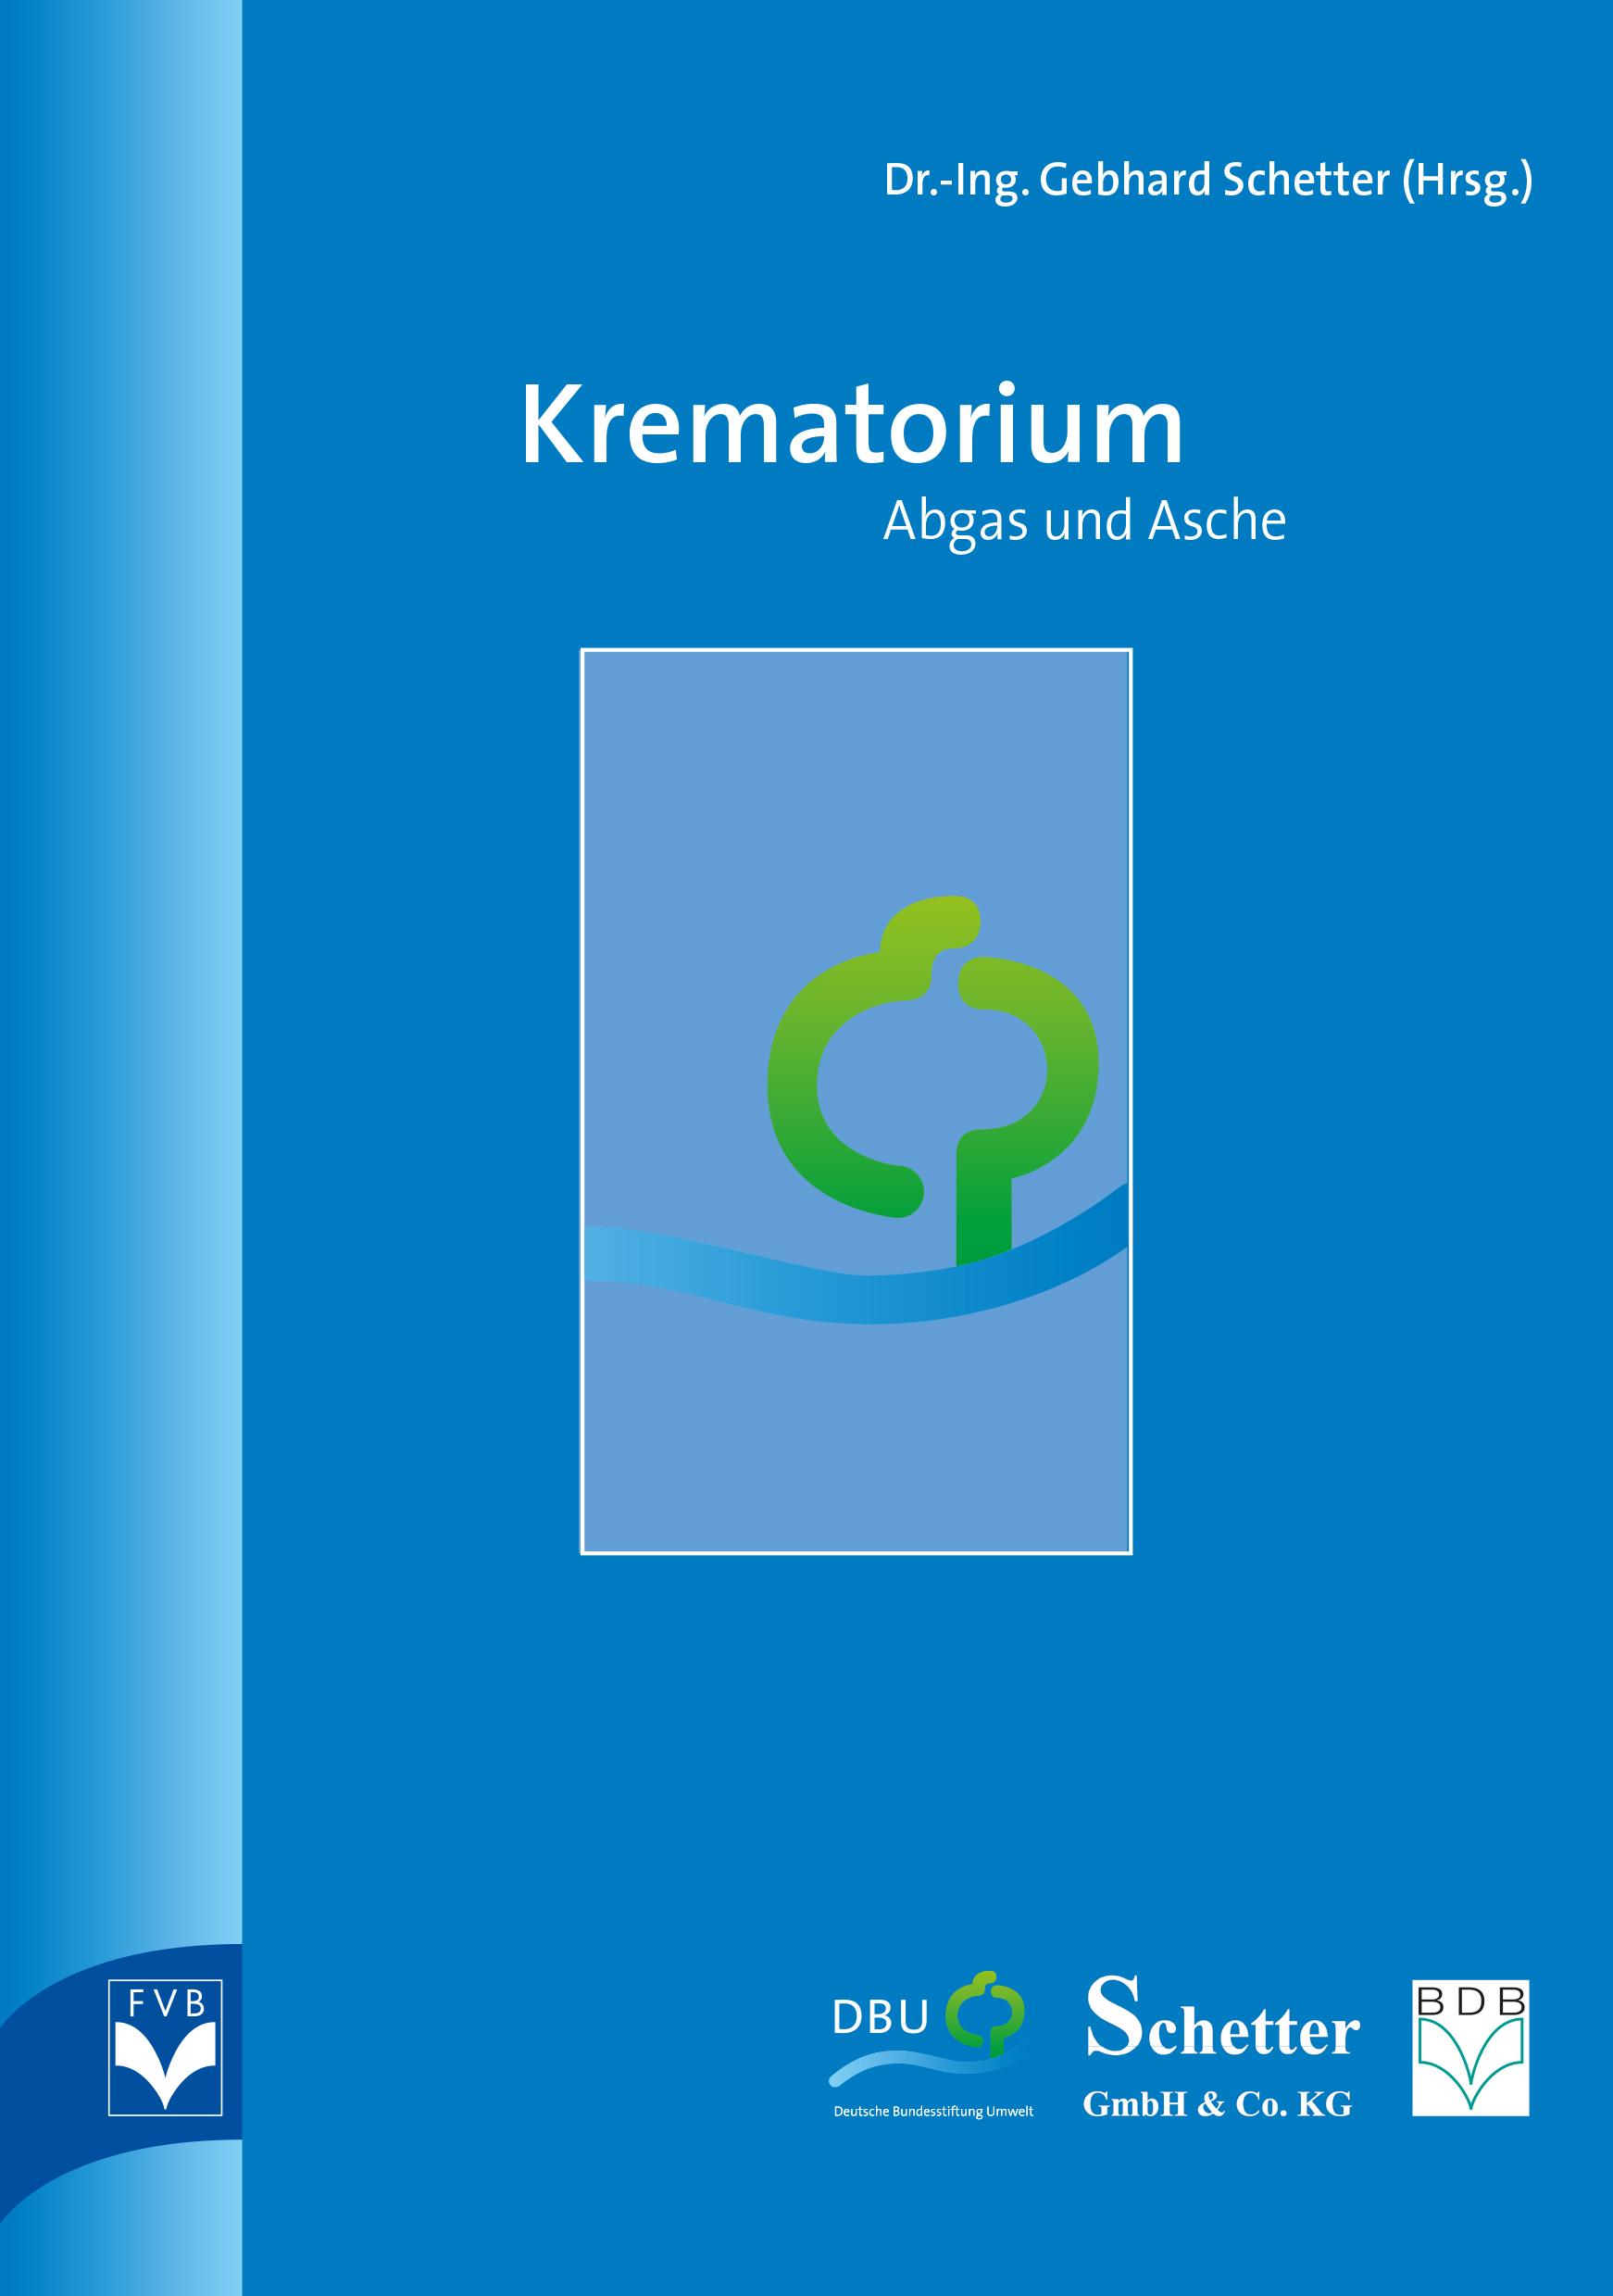 Krematorium – Abgas und Asche